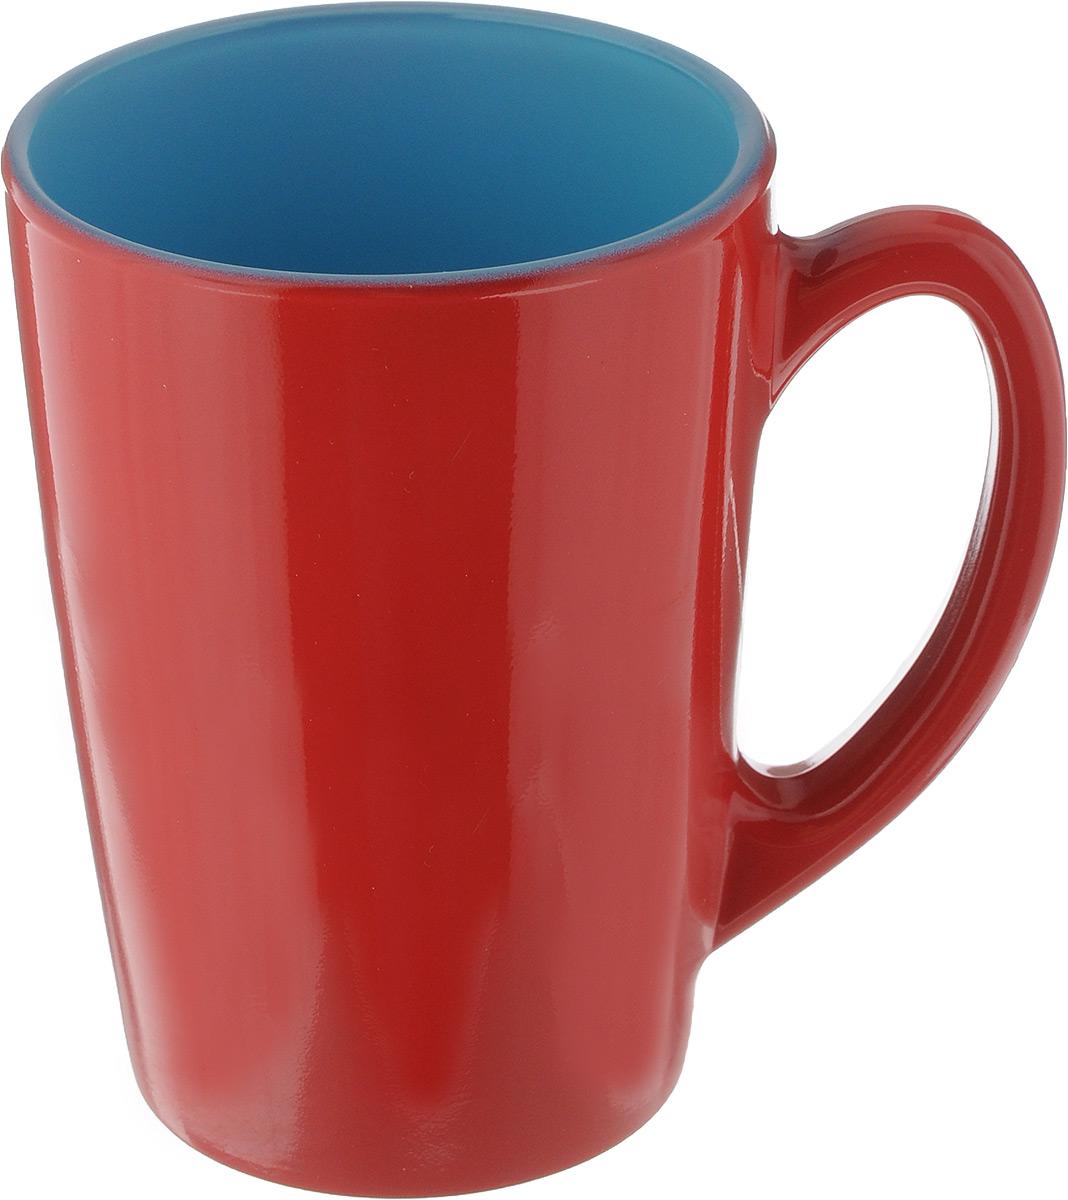 Кружка Luminarc Spring Break, цвет: красный, голубой, 320 мл. J3417-1J3417-1_красный, голубойКружка Luminarc Spring Break, изготовленная из ударопрочного стекла, прекрасно подойдет для горячих и холодных напитков. Она дополнит коллекцию вашей кухонной посуды и будет служить долгие годы. Можно использовать в микроволновой печи и мыть в посудомоечной машине. Диаметр кружки (по верхнему краю): 8 см. Высота стенки кружки: 11 см.